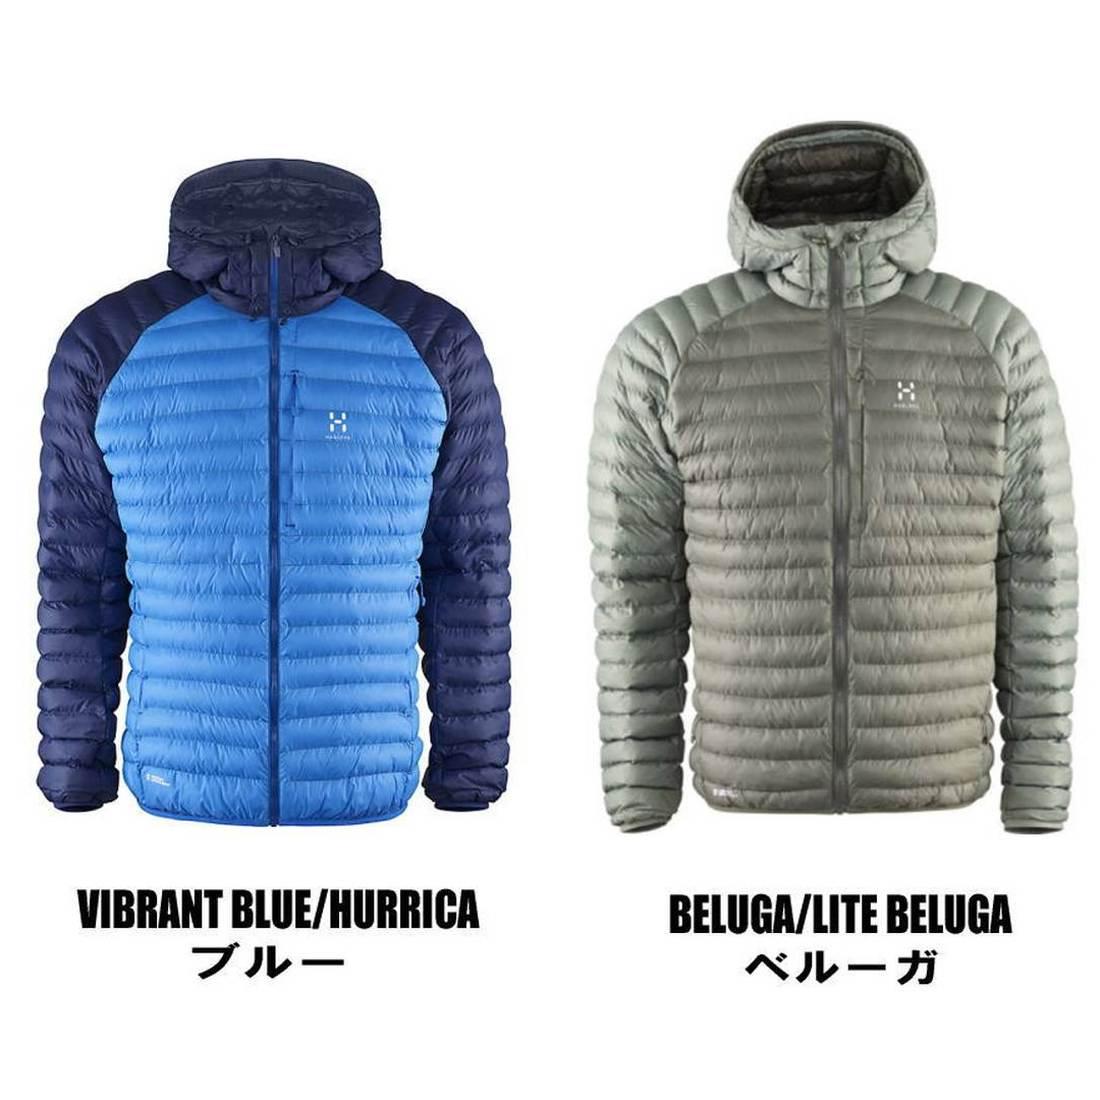 ホグロフス エッセンスミミック フードジャケット メンズ ソフトシェル  国内正規品